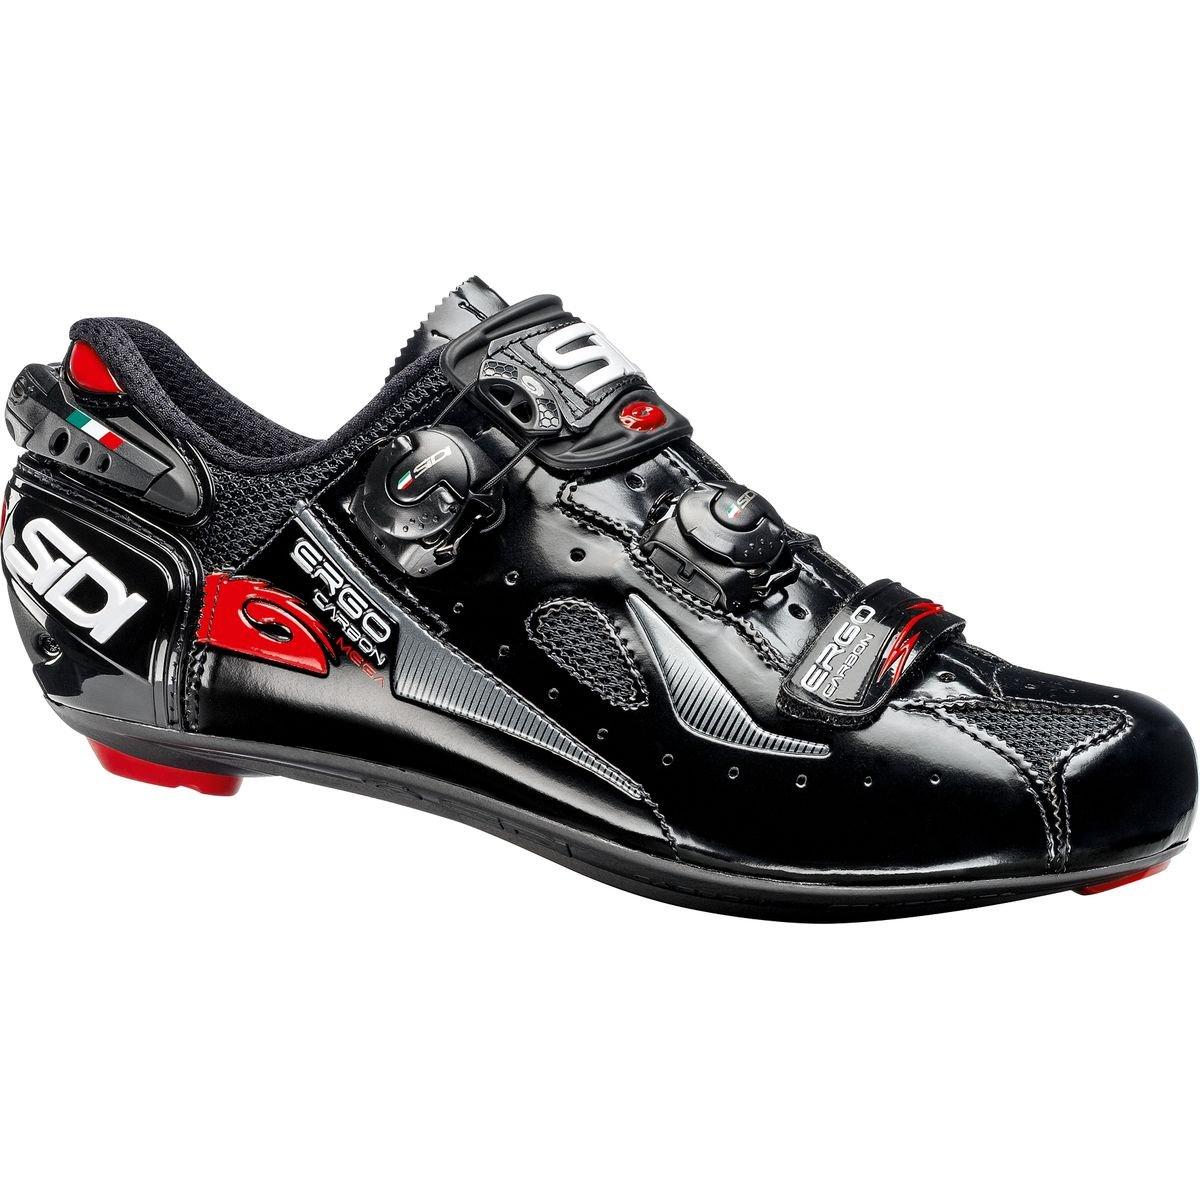 日本最大のブランド (シディ) Sidi Ergo 4 Carbon Mega 29.5cm (シディ) Shoe Mega メンズ ロードバイクシューズBlack [並行輸入品] 日本サイズ 29.5cm (46.0/Wide) Black B07G761FKV, ガラスshopISHIZUKA:e4ec5b2a --- by.specpricep.ru